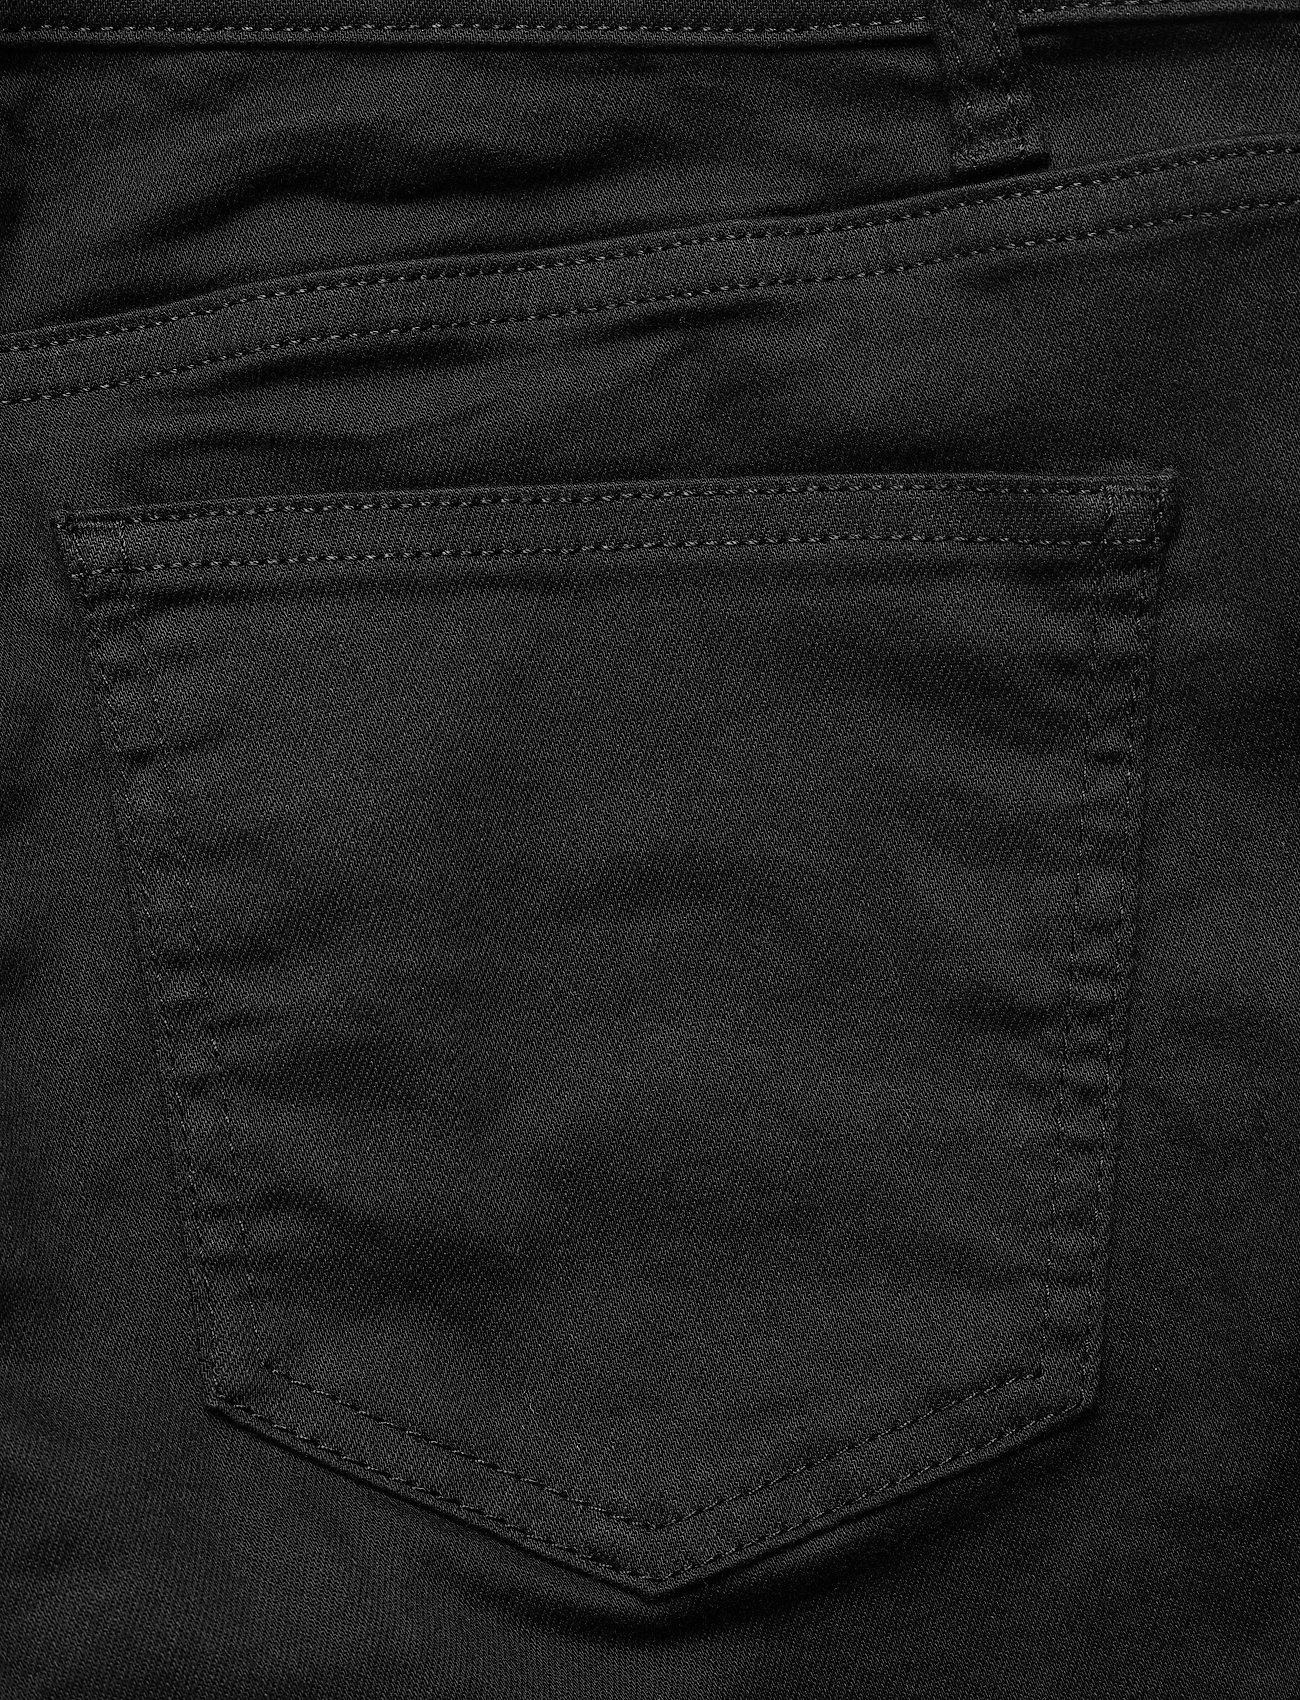 Gestuz - MaggieGZ MW skinny jeans NOOS black - skinny jeans - black - 5